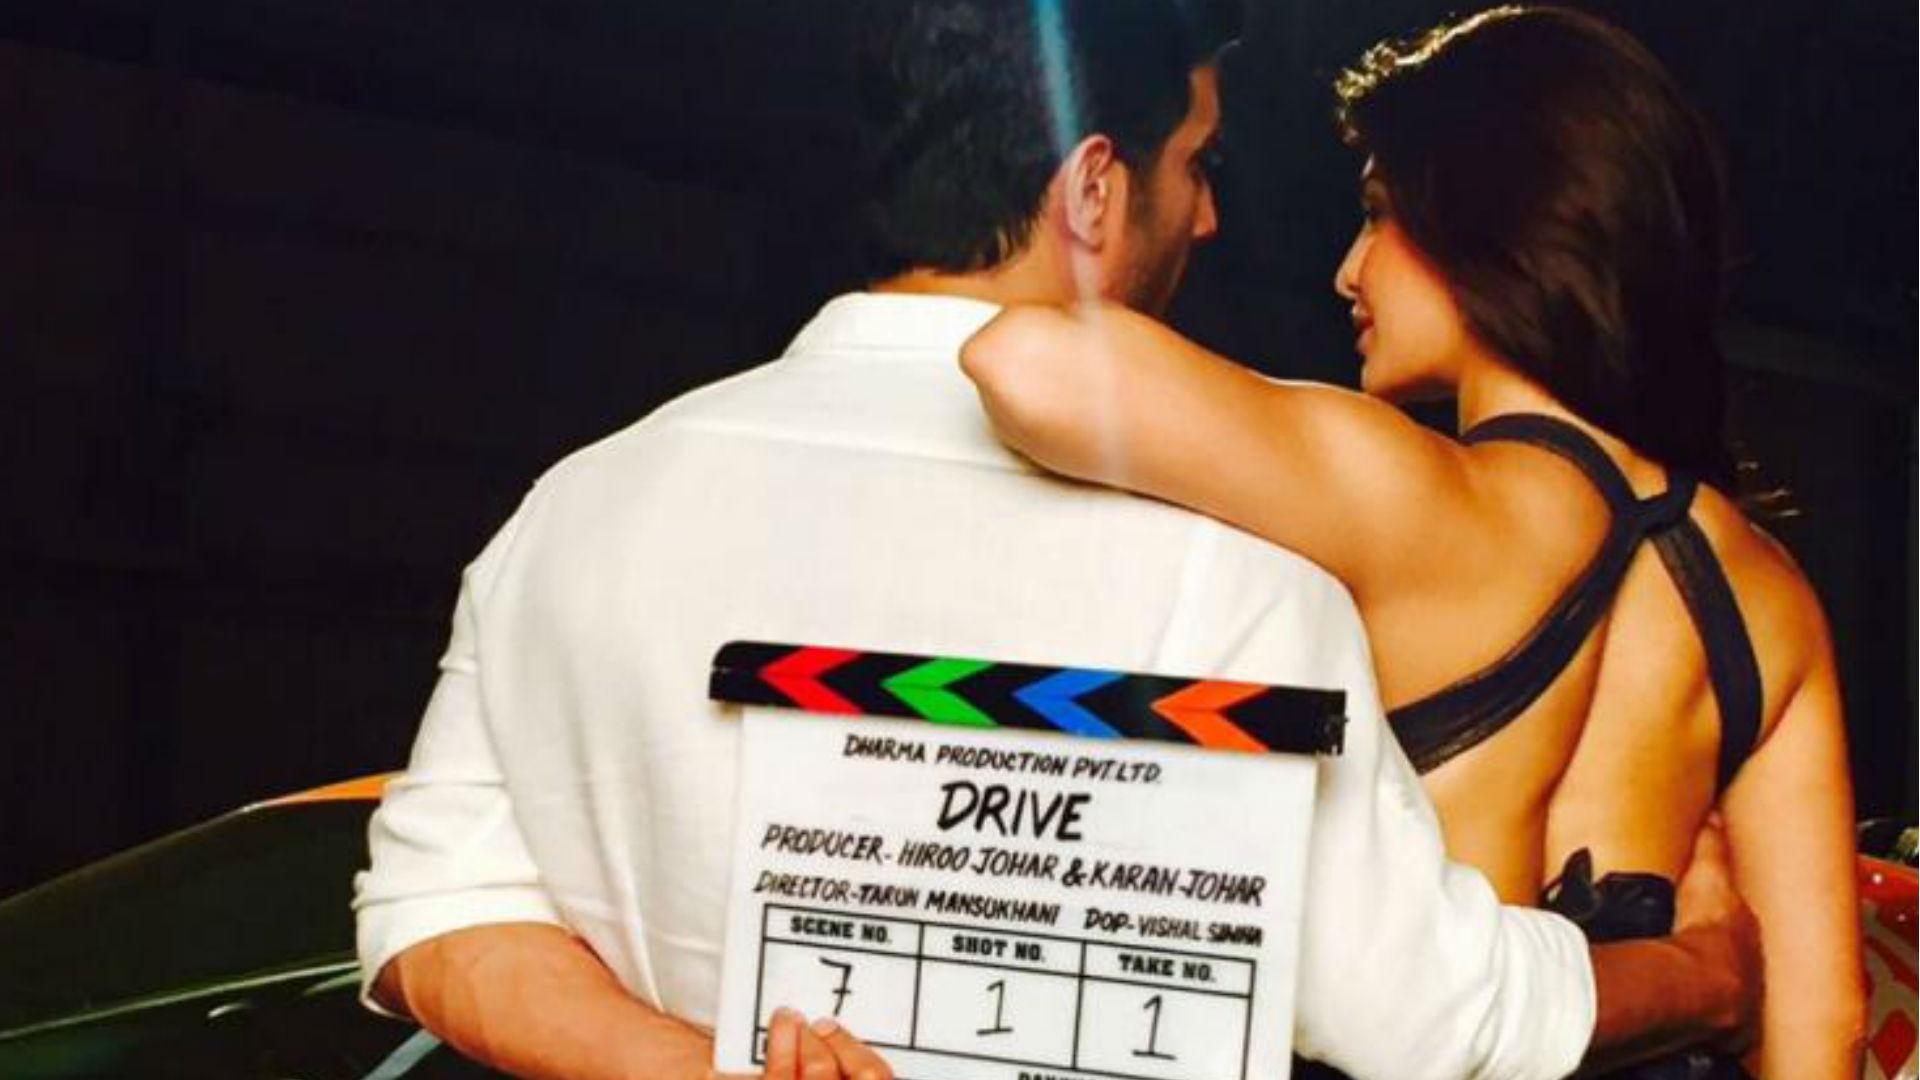 Drive Movie: सुशांत सिंह राजपूत-जैकलीन फर्नांडीज की ये फिल्म इस वजह से नहीं होगी 2019 में रिलीज!